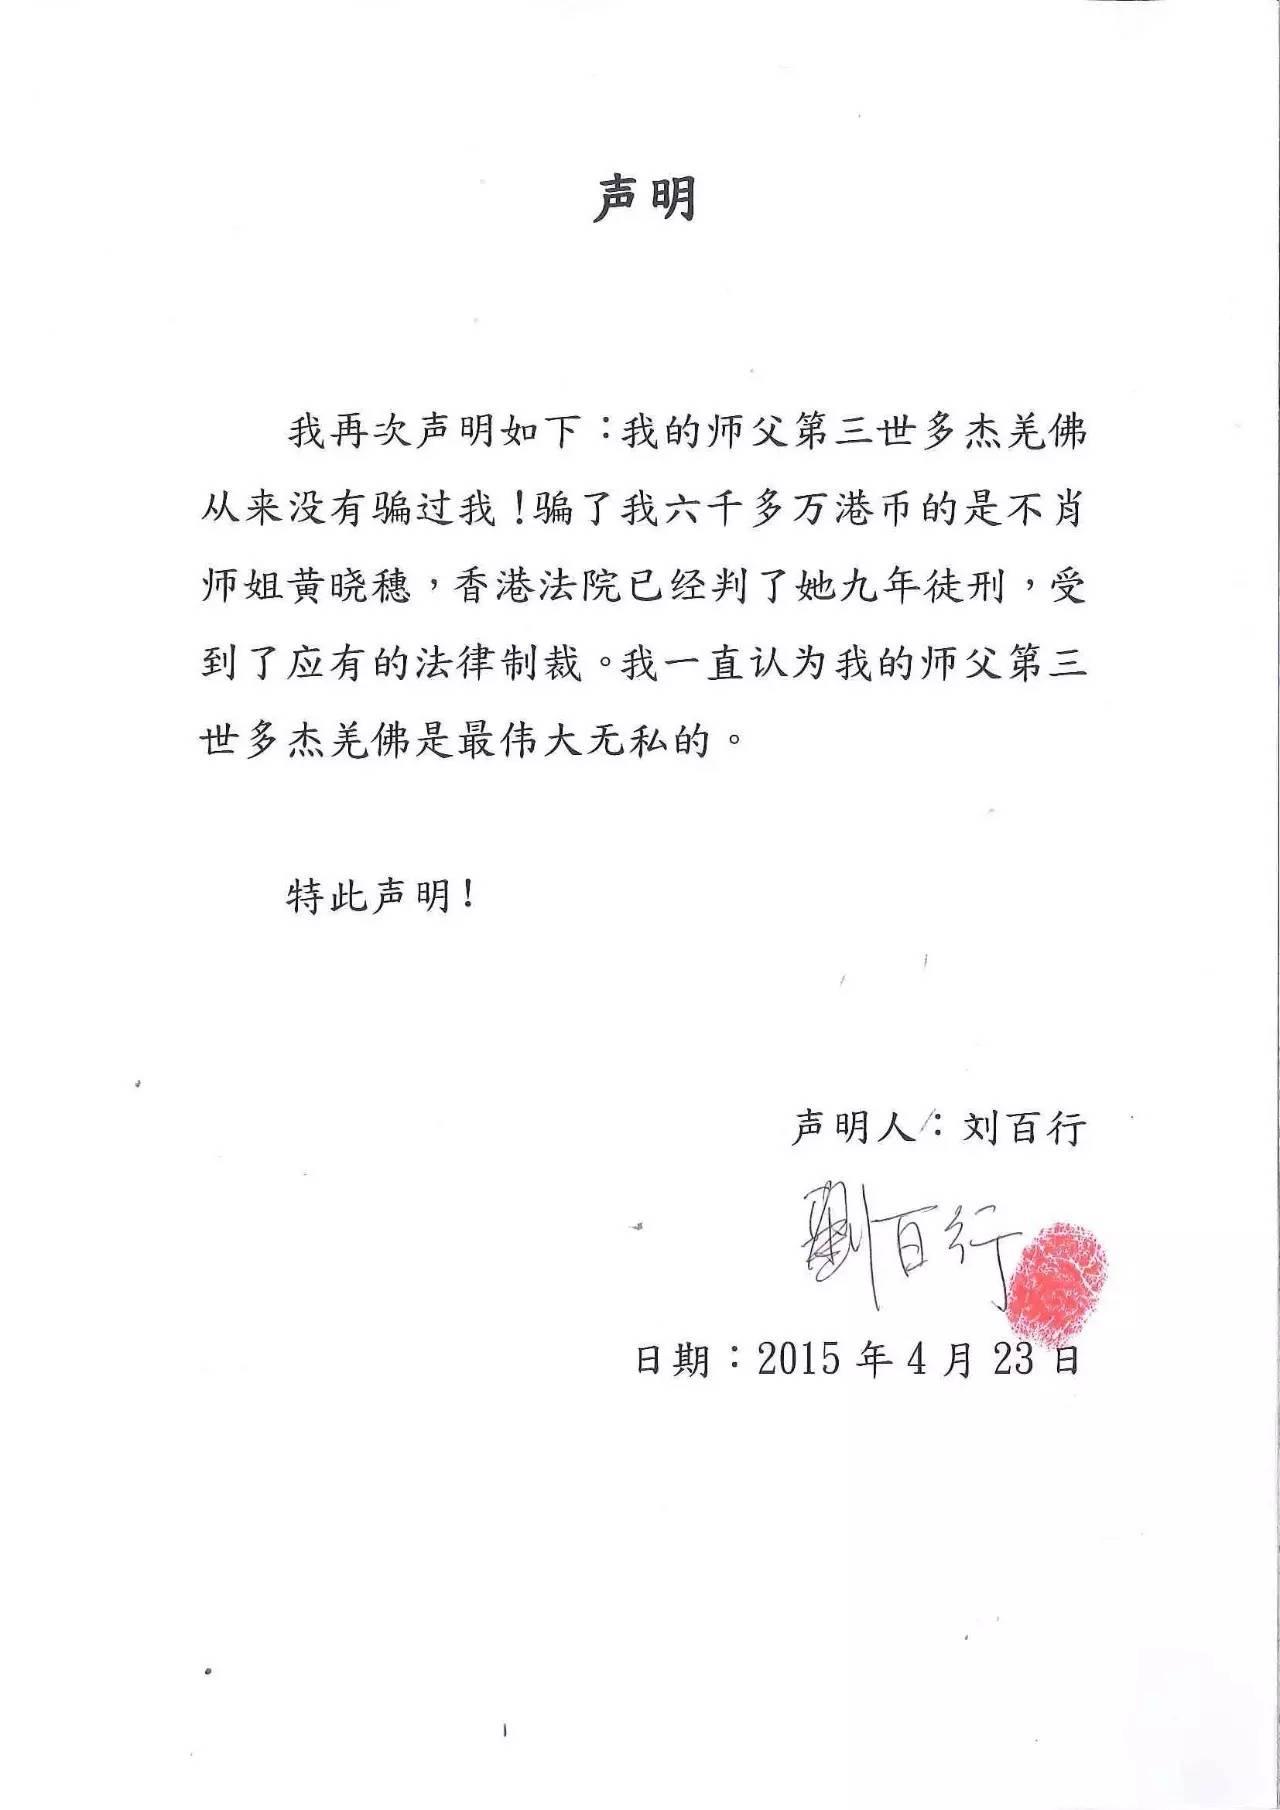 周永康陈绍基陷害第三世多杰羌佛真相曝光 第10张